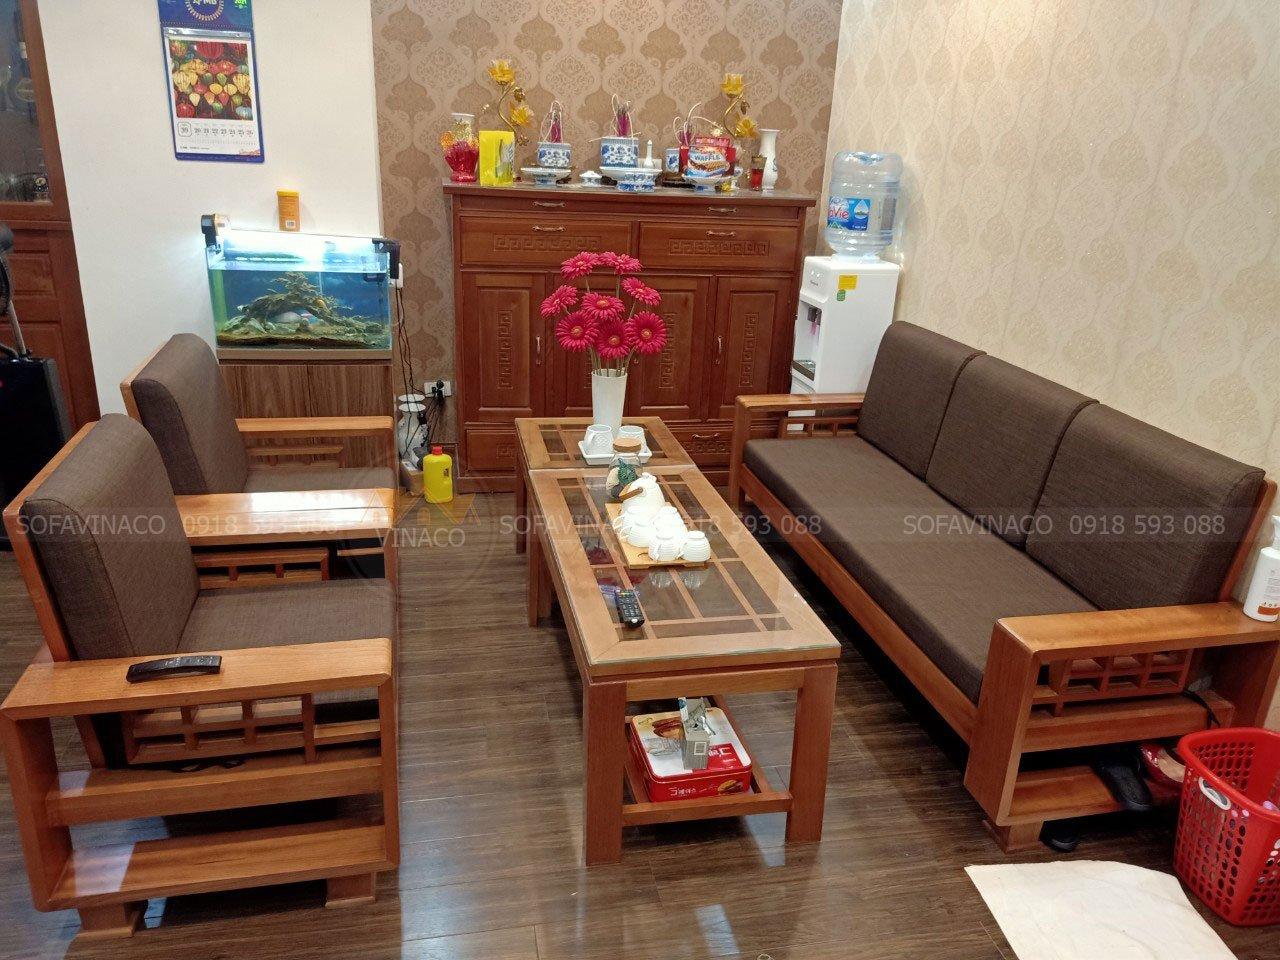 Đệm ghế gỗ cho chị Hương tại chung cu C3 Nguyênc Cơ Thạch đã bàn giao